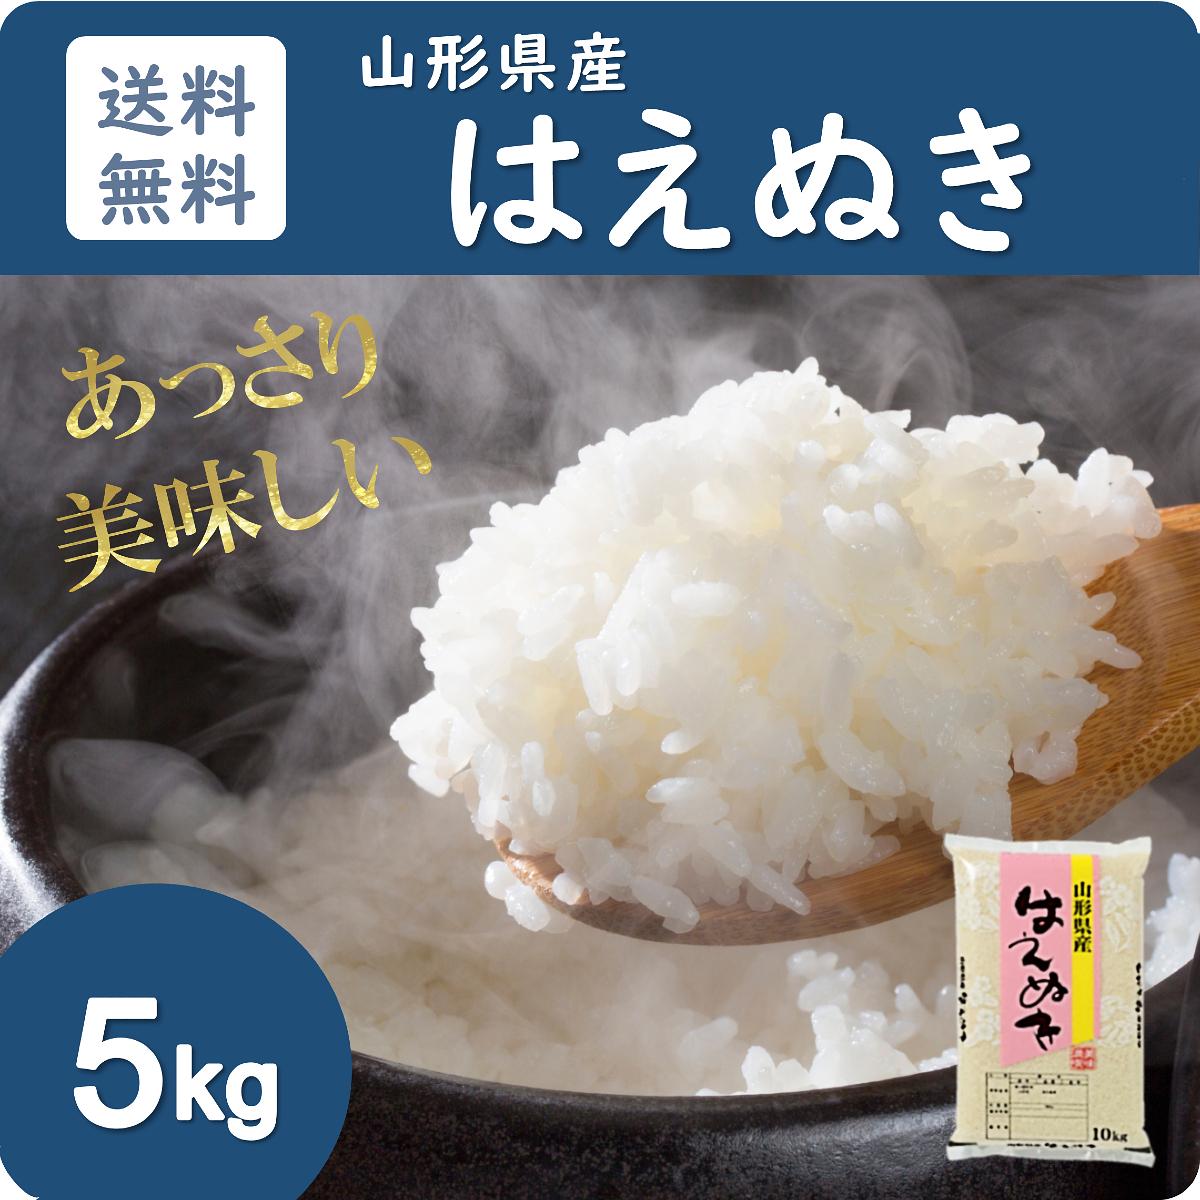 新米 令和3年産 米 お米 5kg 山形県産 はえぬき 送料無料 玄米 白米 精米無料 一等米 30kg 20kg も販売中_画像1